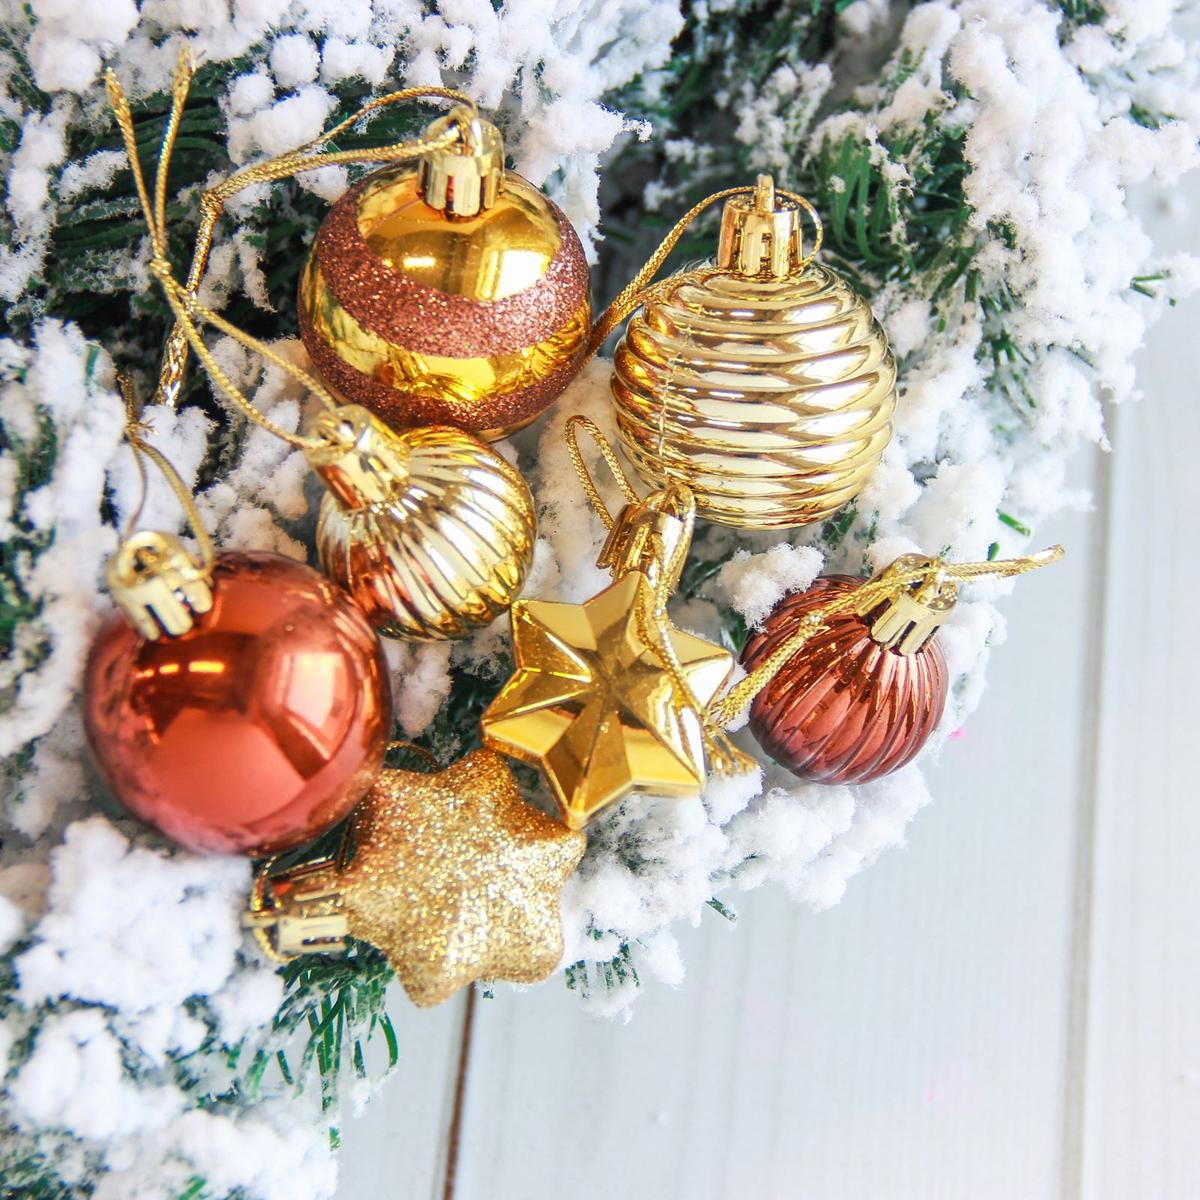 Набор новогодних подвесных украшений Sima-land Серпантин, цвет: коричневый, 21 шт2122890Невозможно представить нашу жизнь без праздников! Мы всегда ждём их и предвкушаем, обдумываем, как проведём памятный день, тщательно выбираем подарки и аксессуары, ведь именно они создают и поддерживают торжественный настрой.